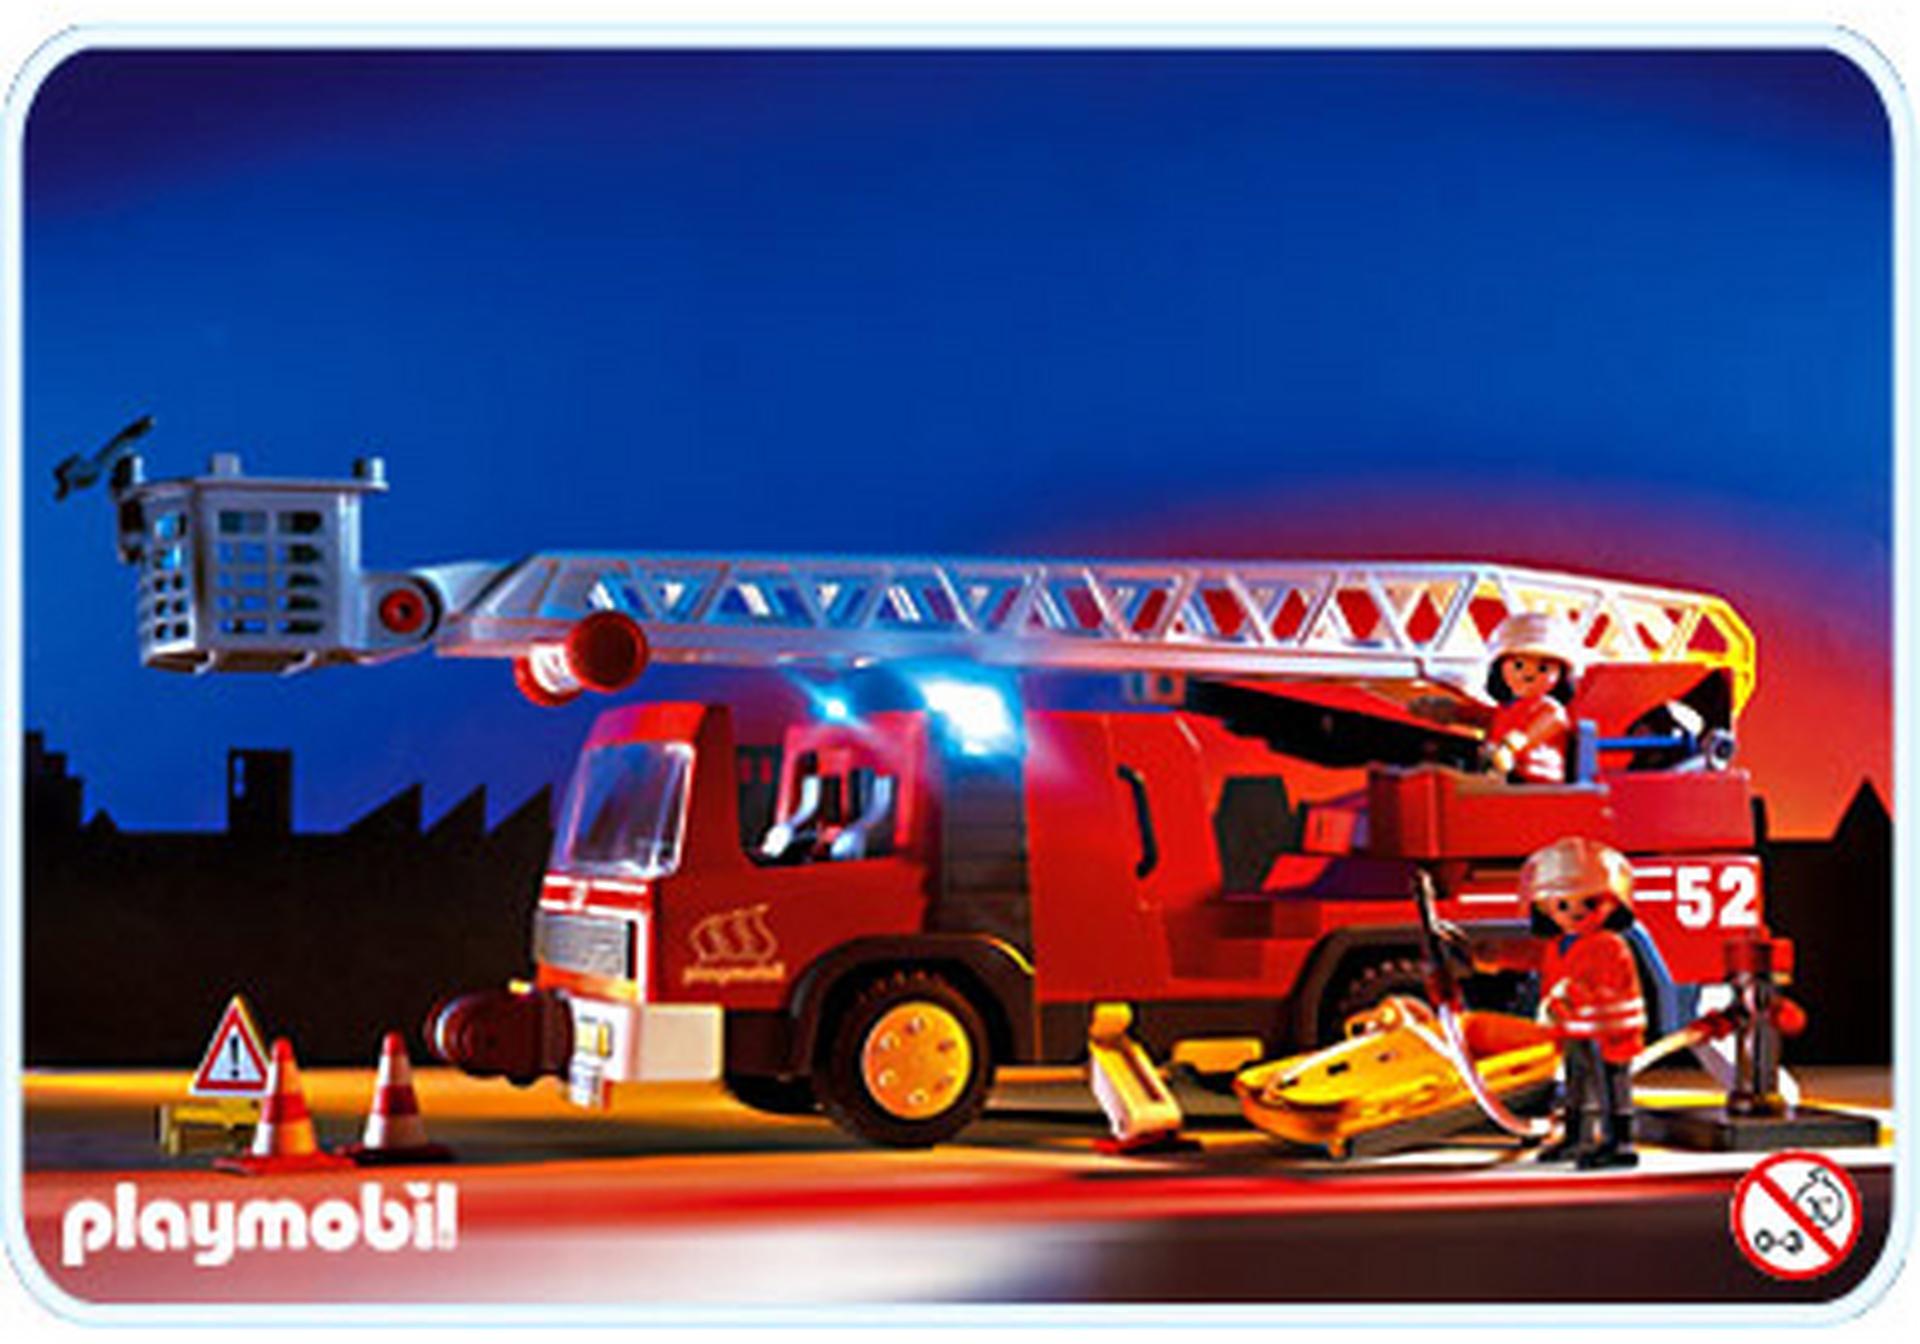 Feuerwehrleiterfahrzeug 3879 a playmobil deutschland for Jugendzimmer playmobil